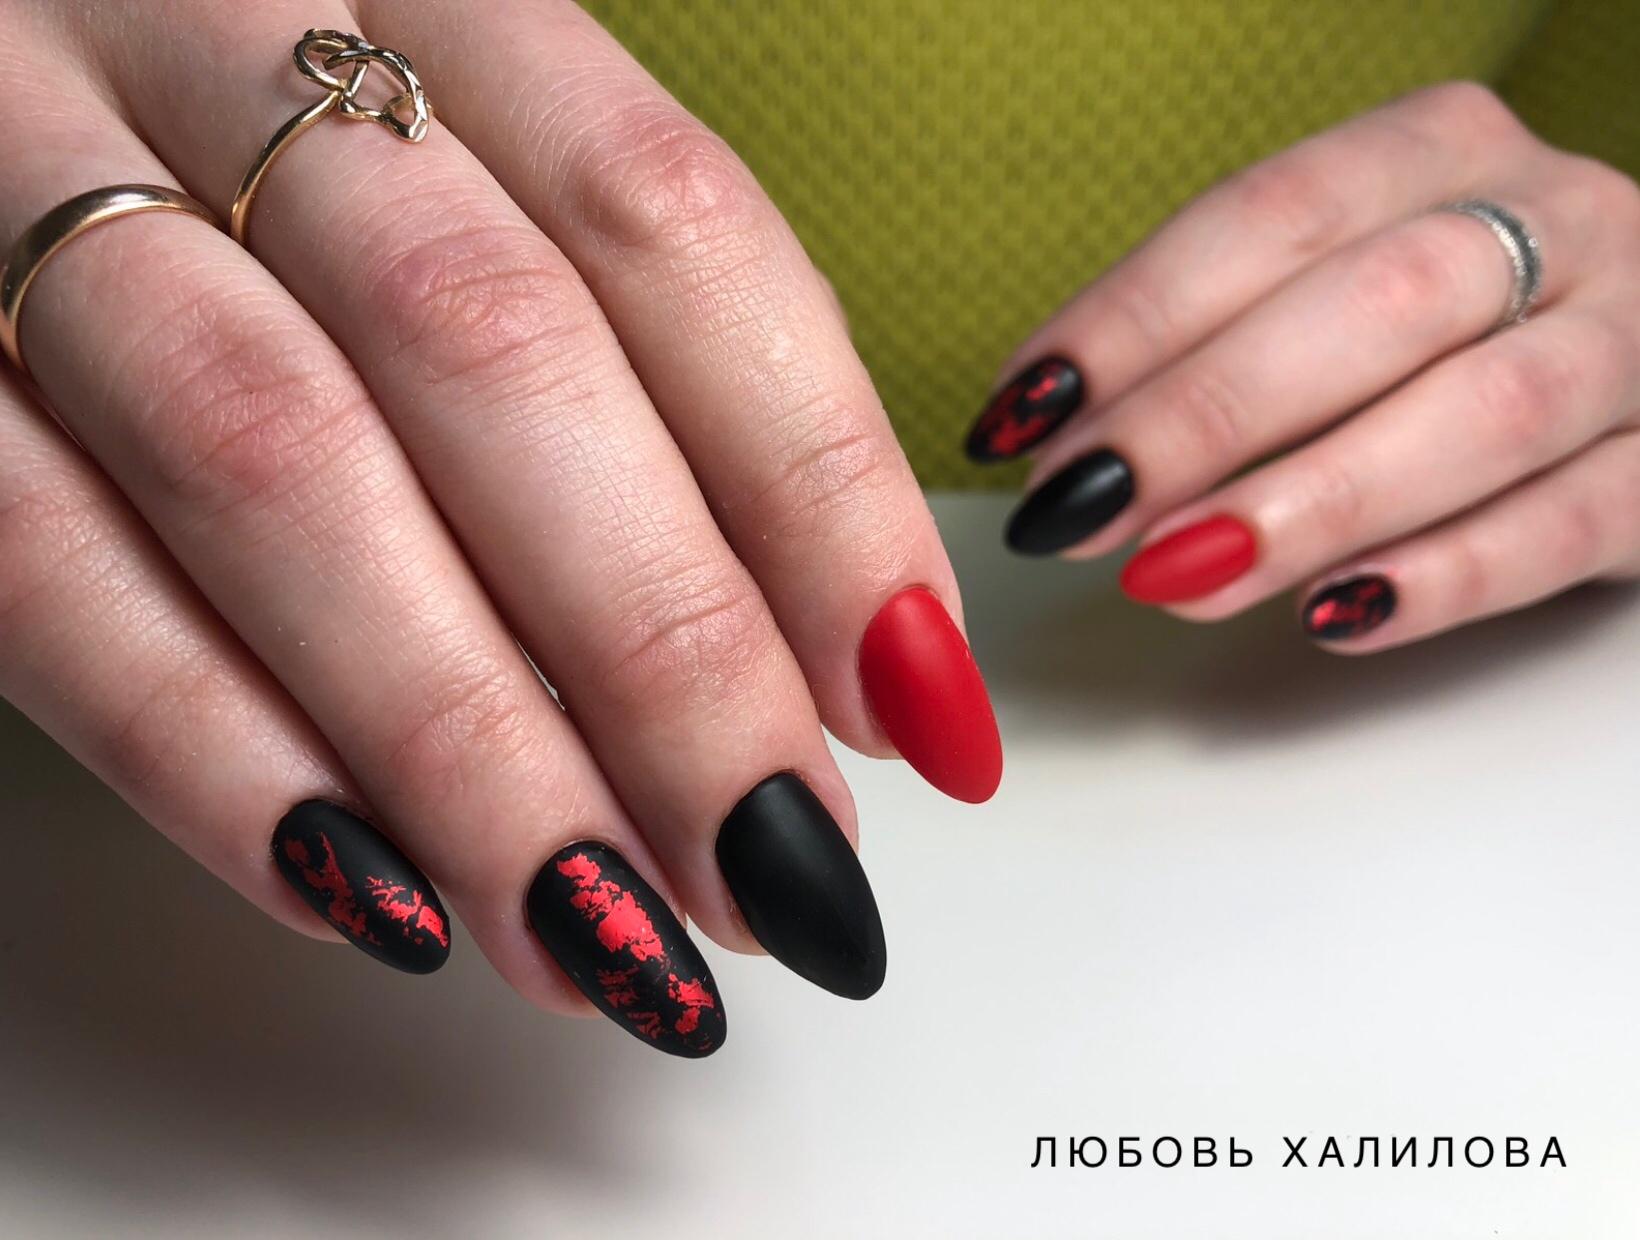 Матовый маникюр в красном и чёрном цветах с красной фольгой.